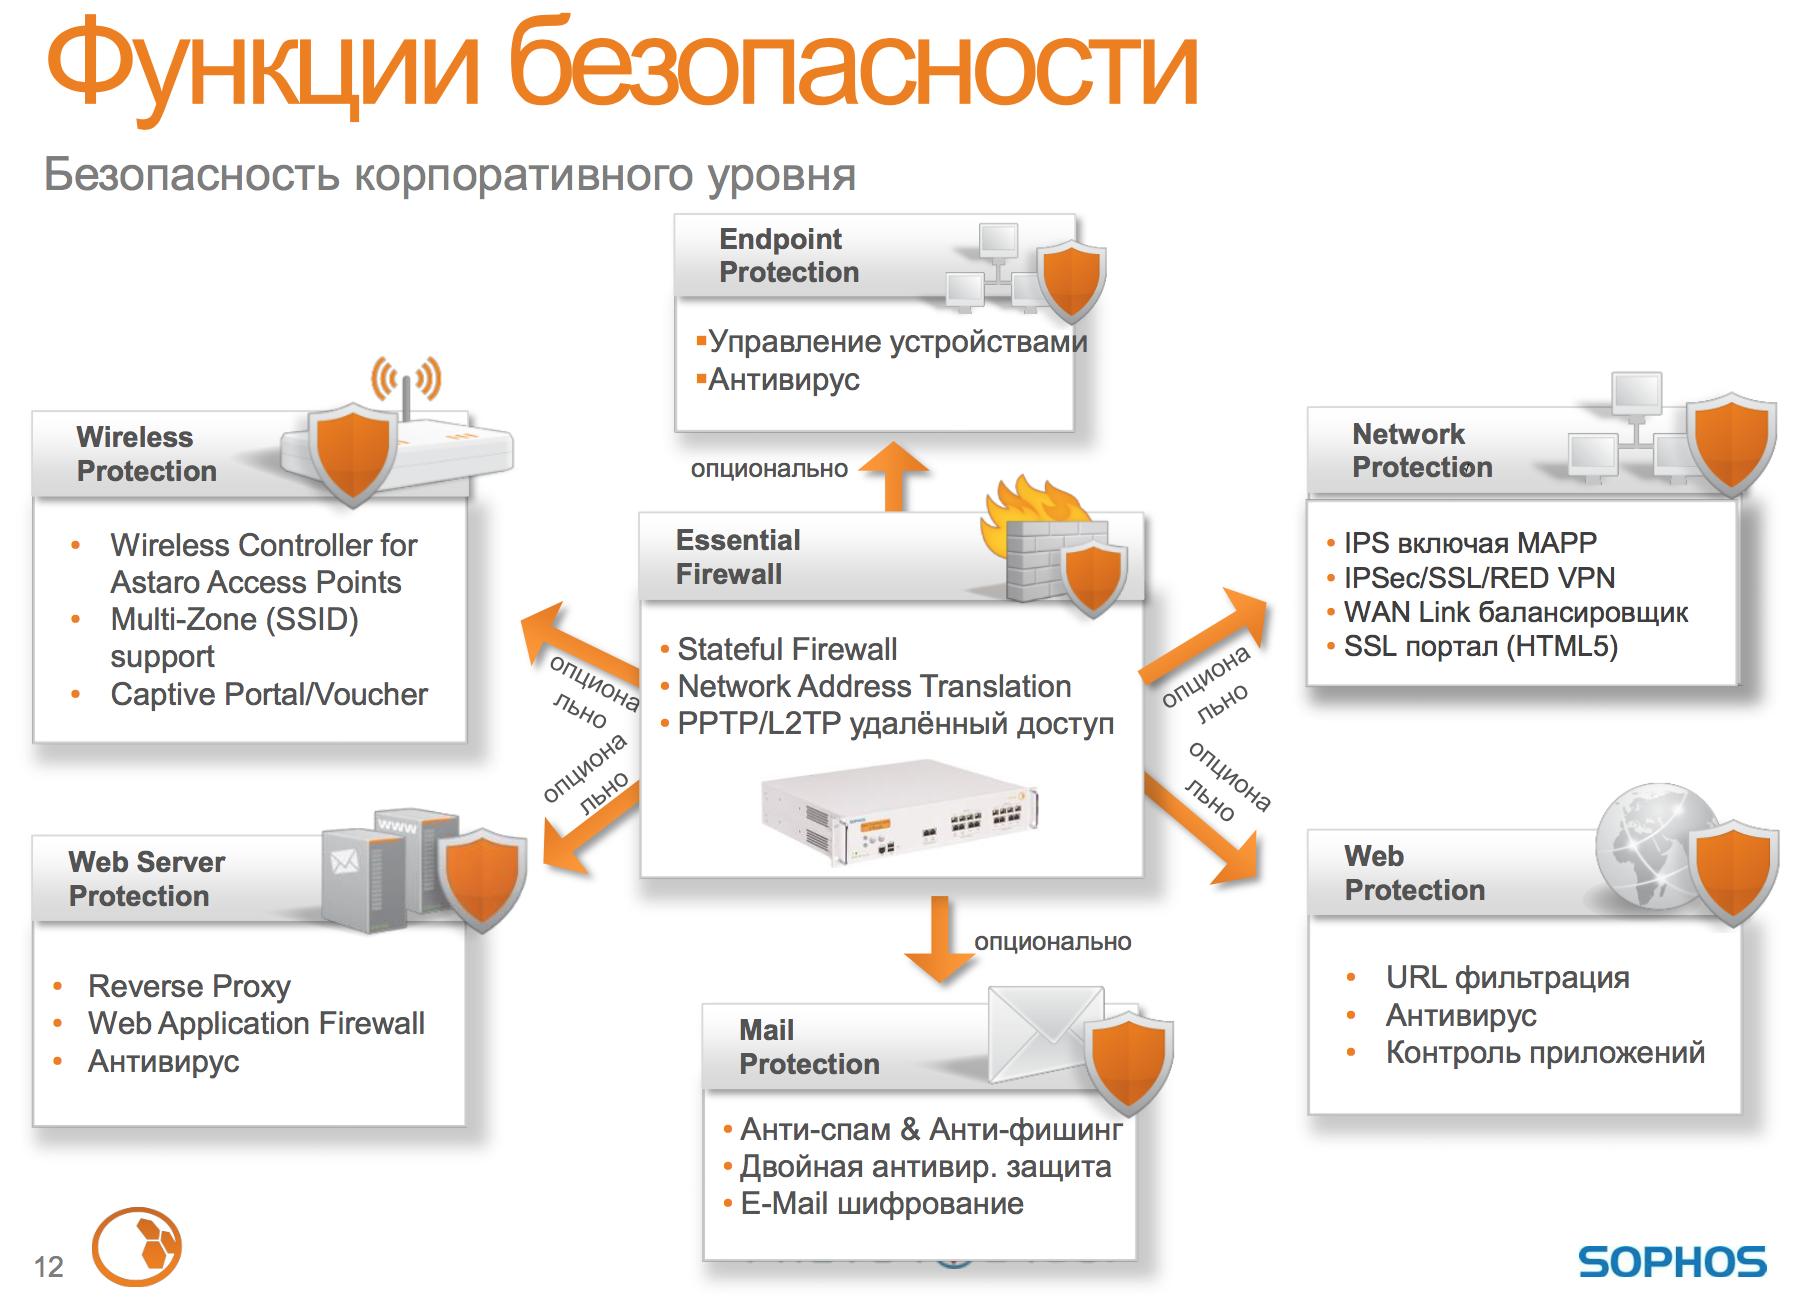 Sophos UTM Essential Firewall security functions